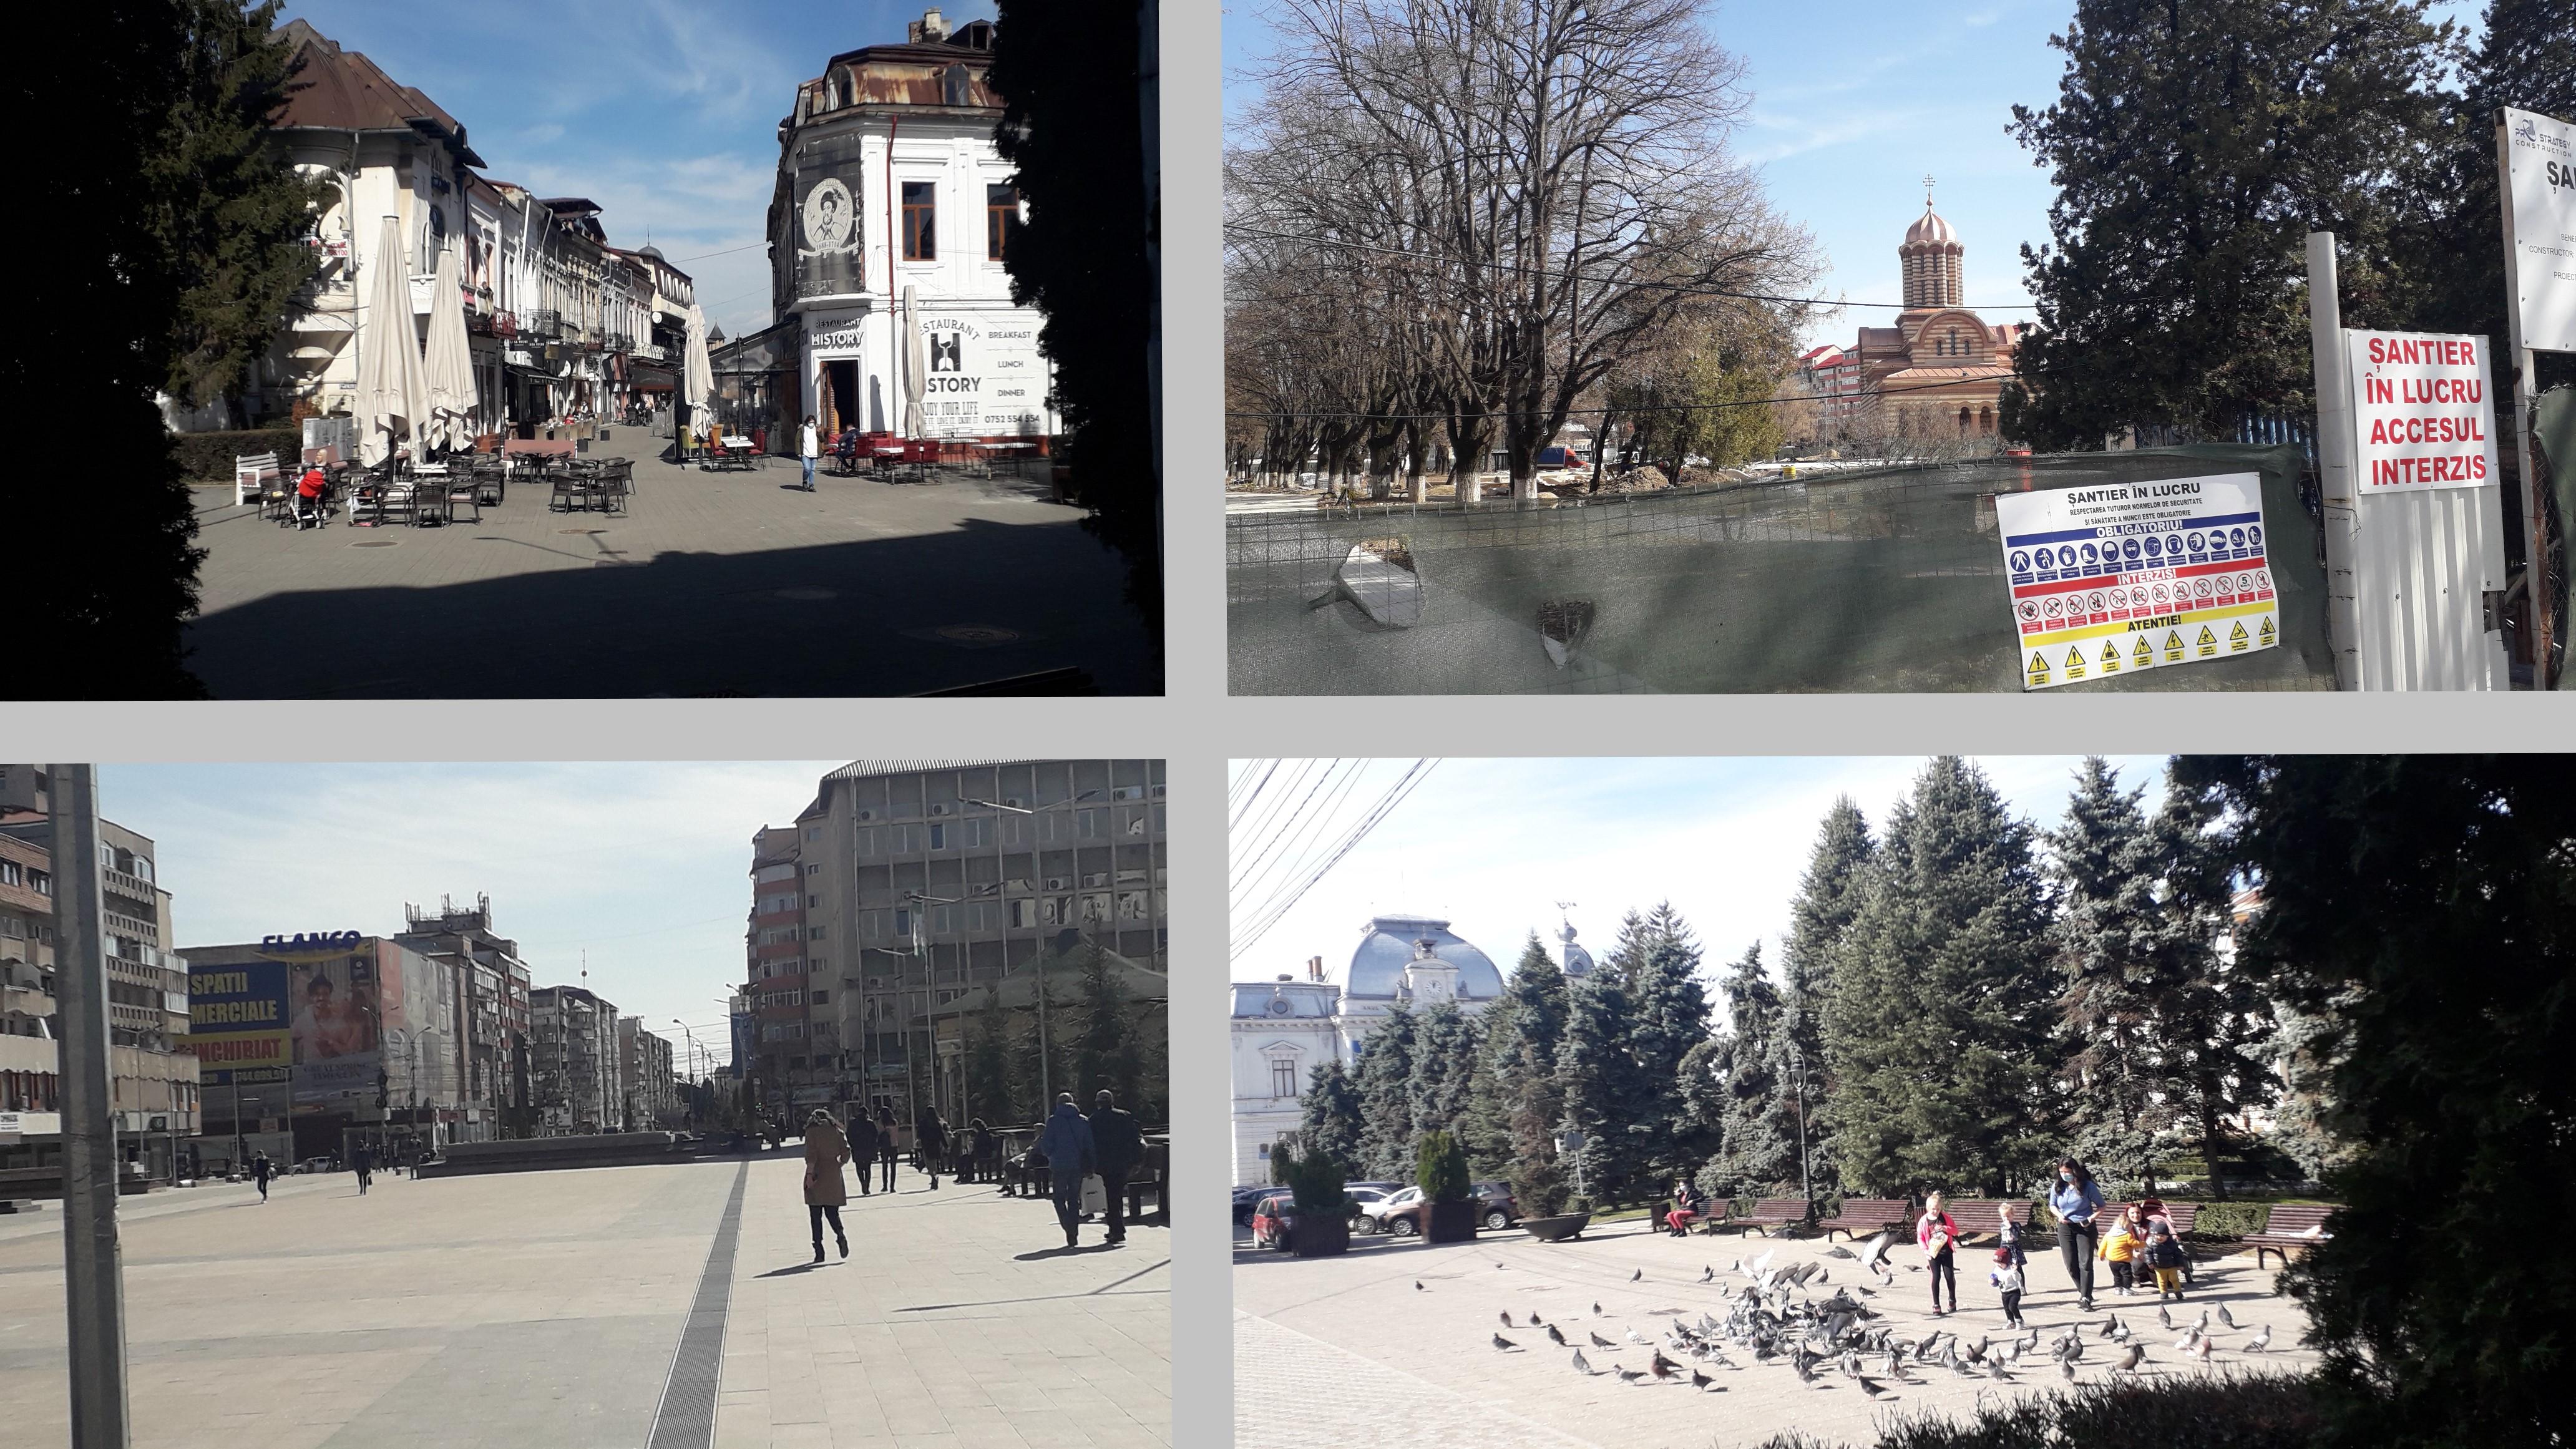 (Foto-Reportaj) - Târgoviște în scenariul roșu (5 martie 2021). Sună dramatic. Totuși...